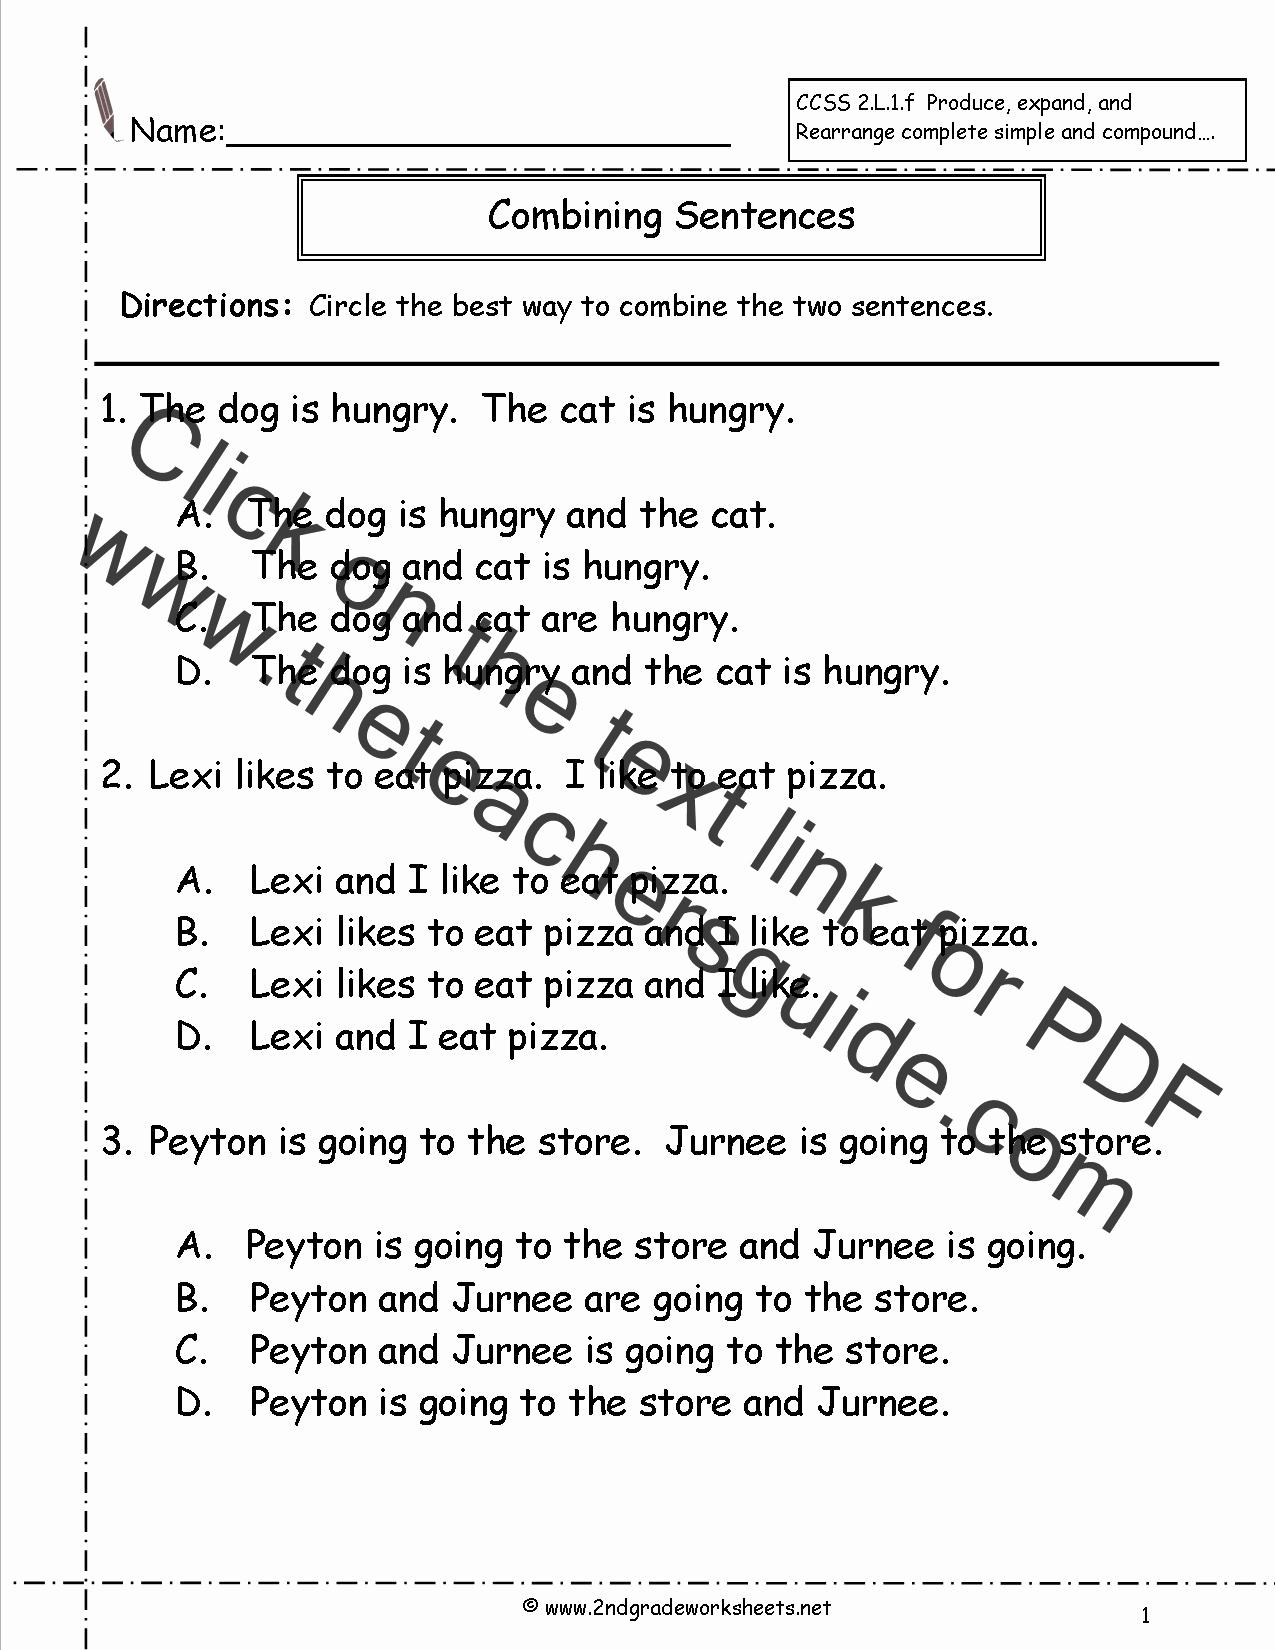 Scrambled Sentences Worksheets 3rd Grade Awesome Sentence Editing 3rd Grade 1st Grade 2nd 3rd Writing